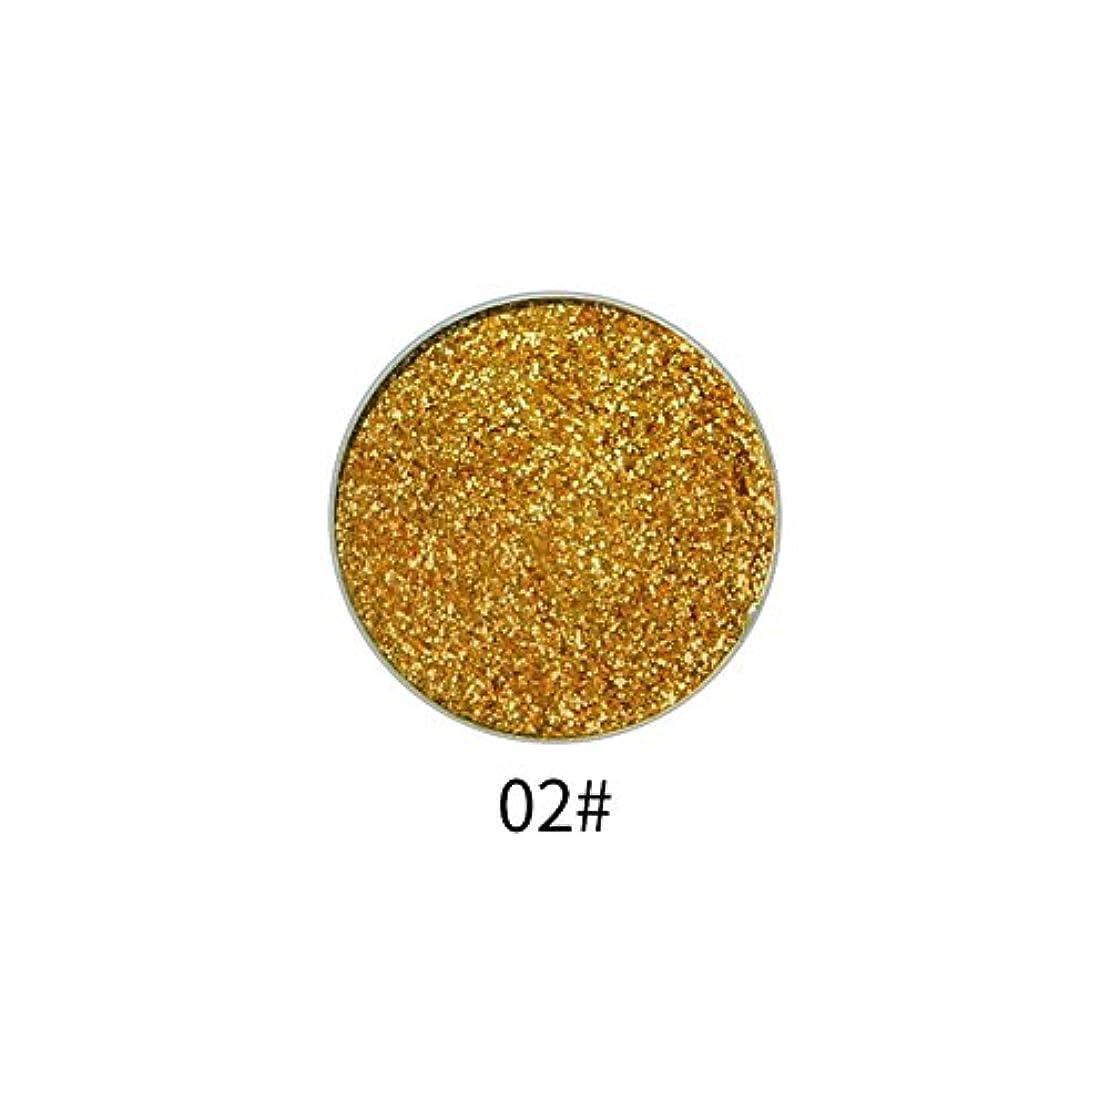 クスクス漂流掘る9色アイシャドウパレット顔料シャイニングパウダーマットグリッターアイシャドウパウダー(2)